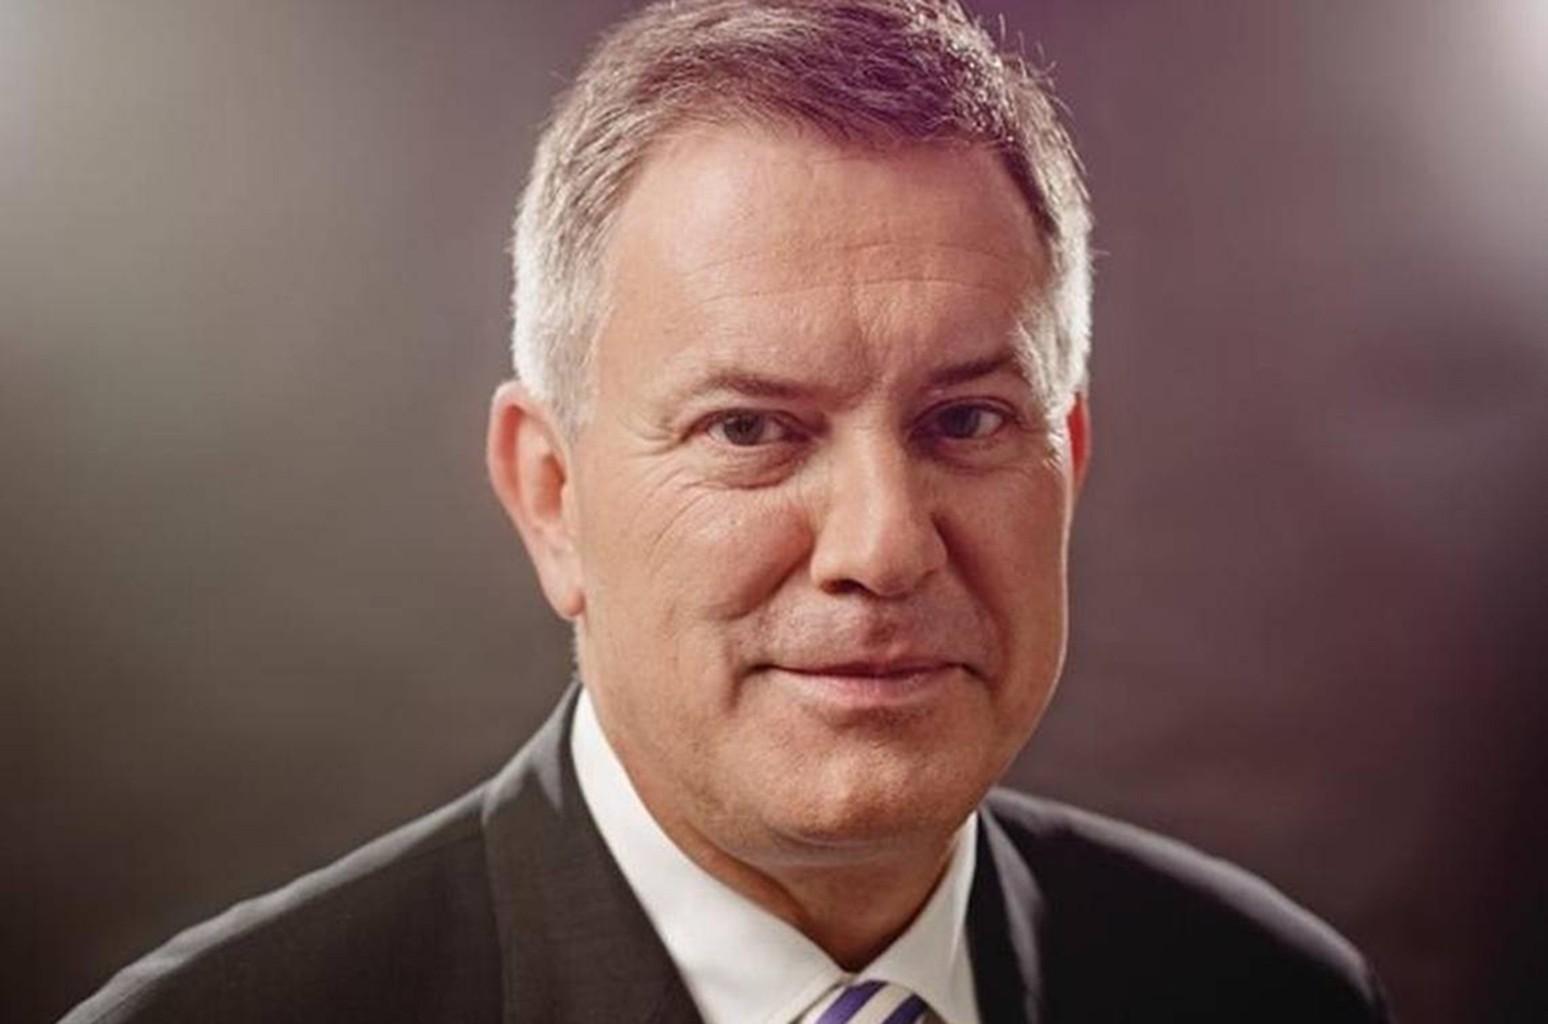 Tim Leiweke